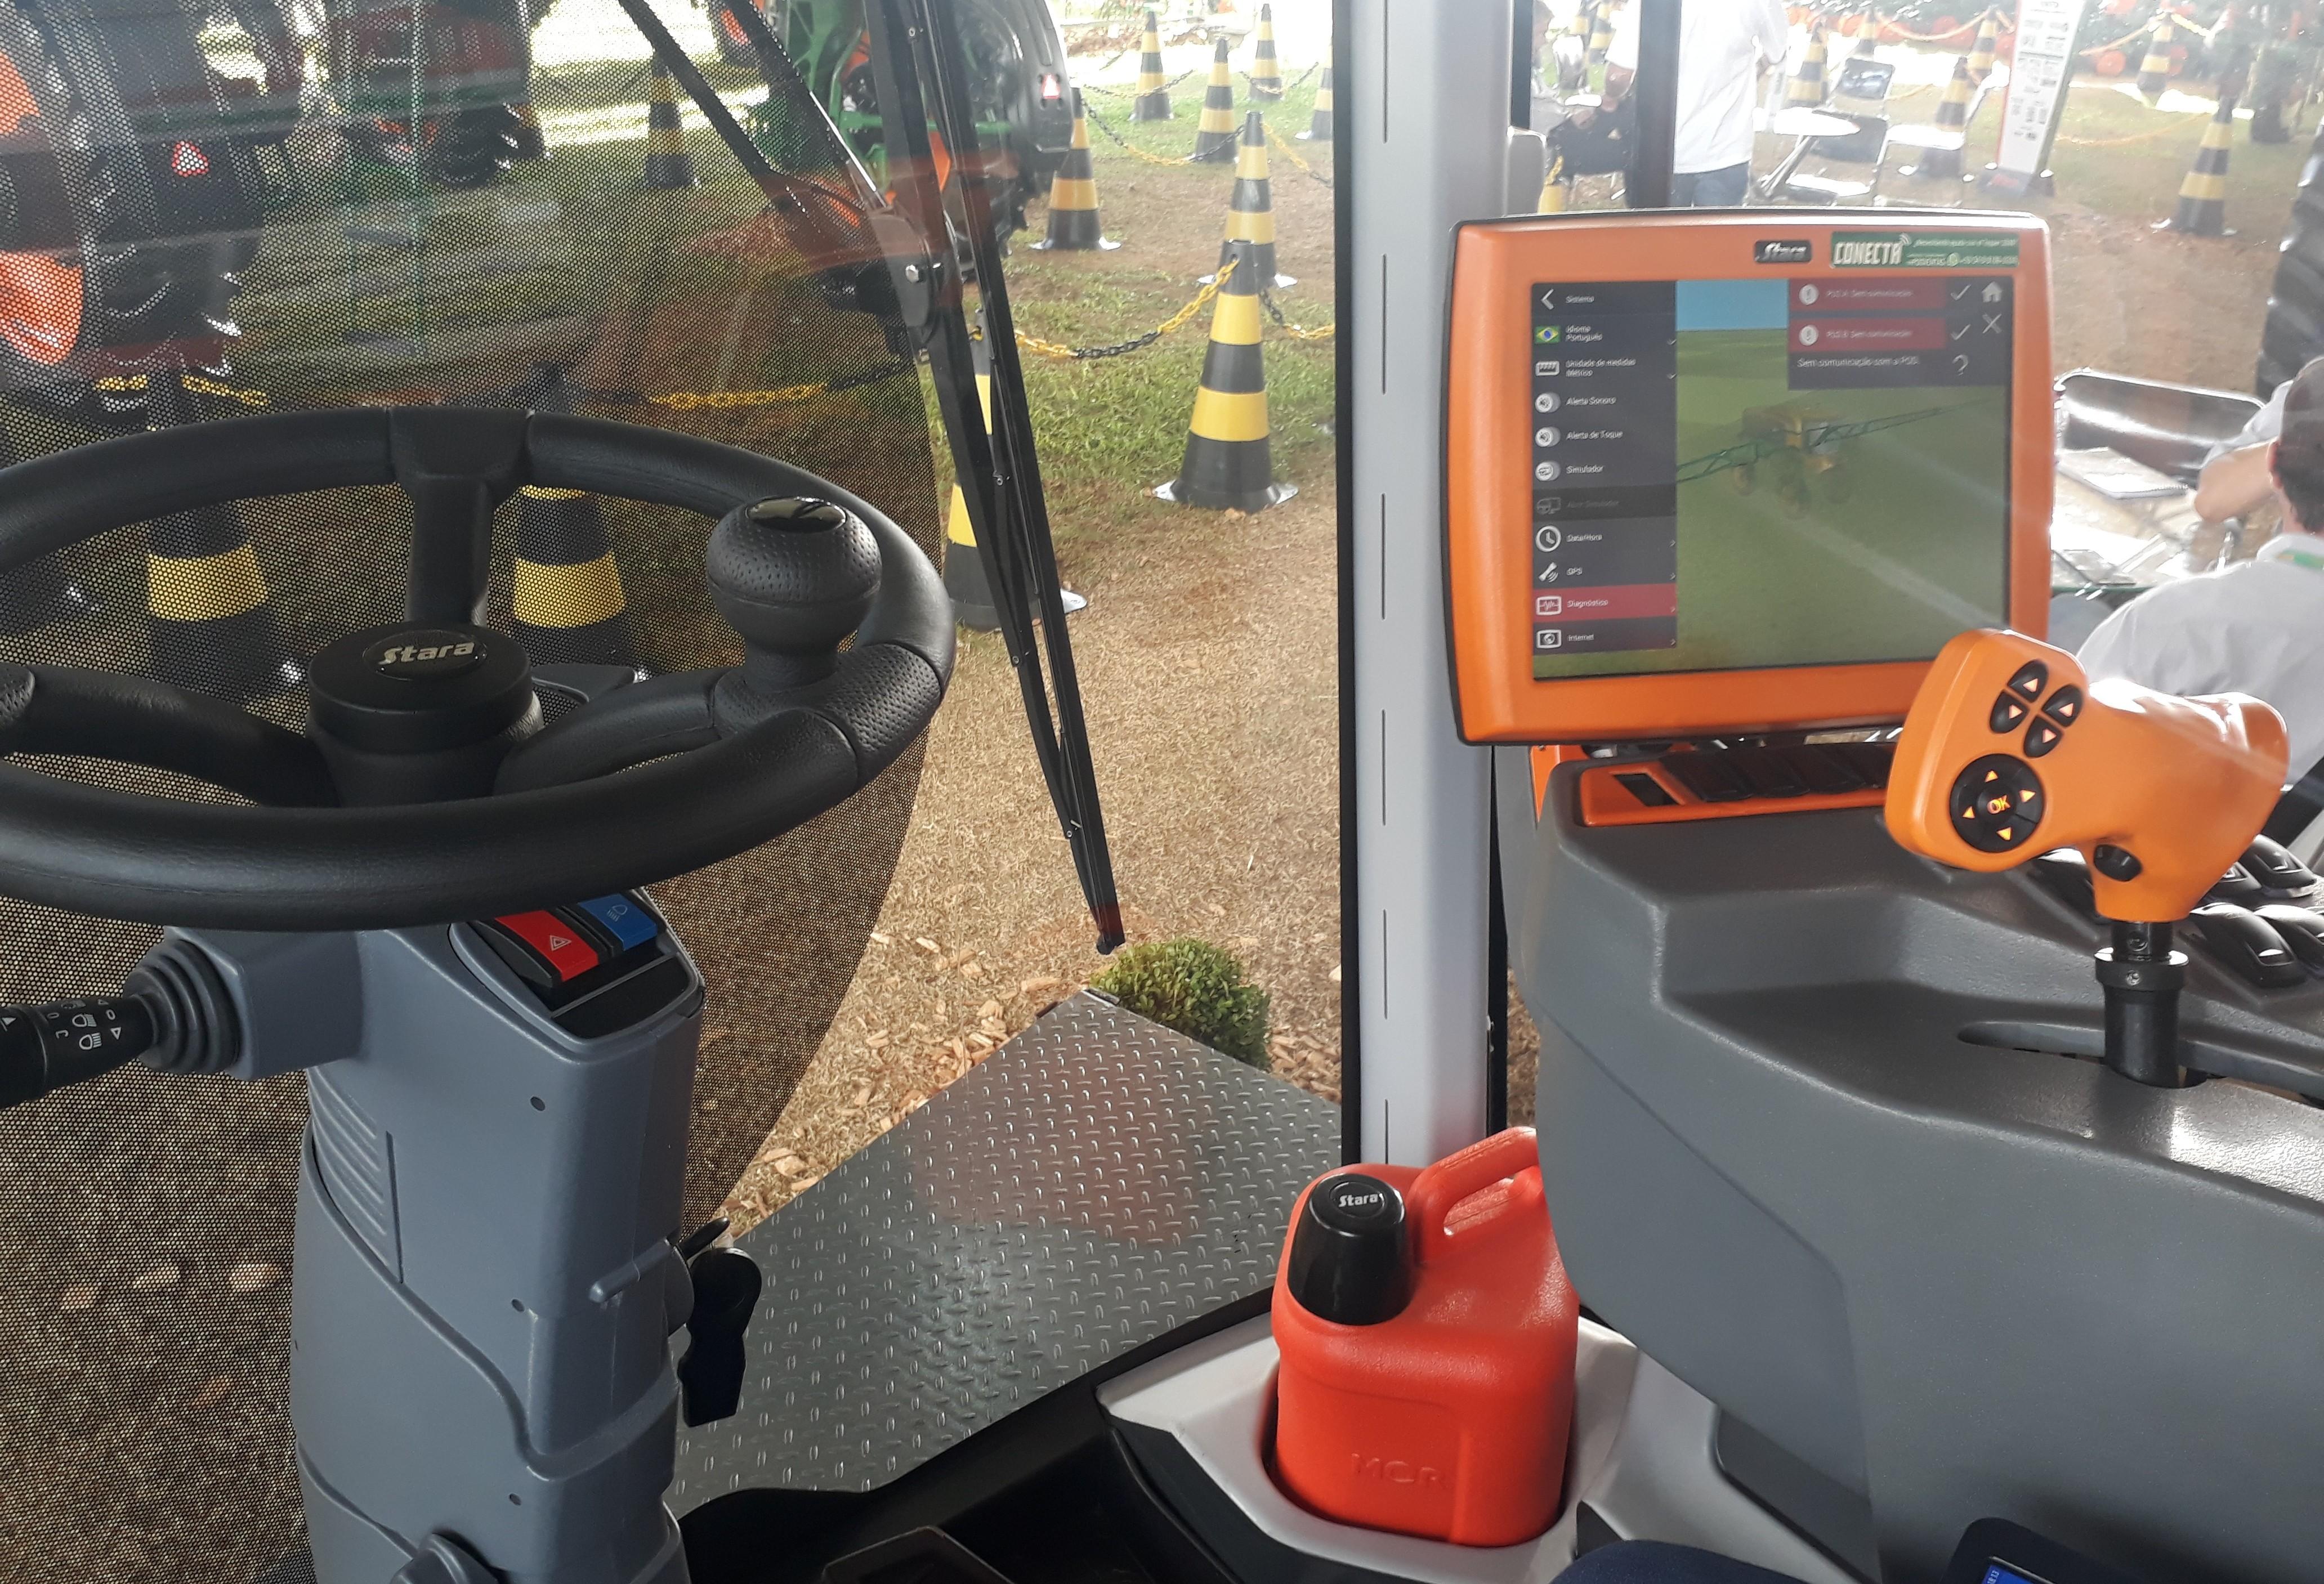 Novas tecnologias em maquinários poupa tempo e dinheiro do agricultor